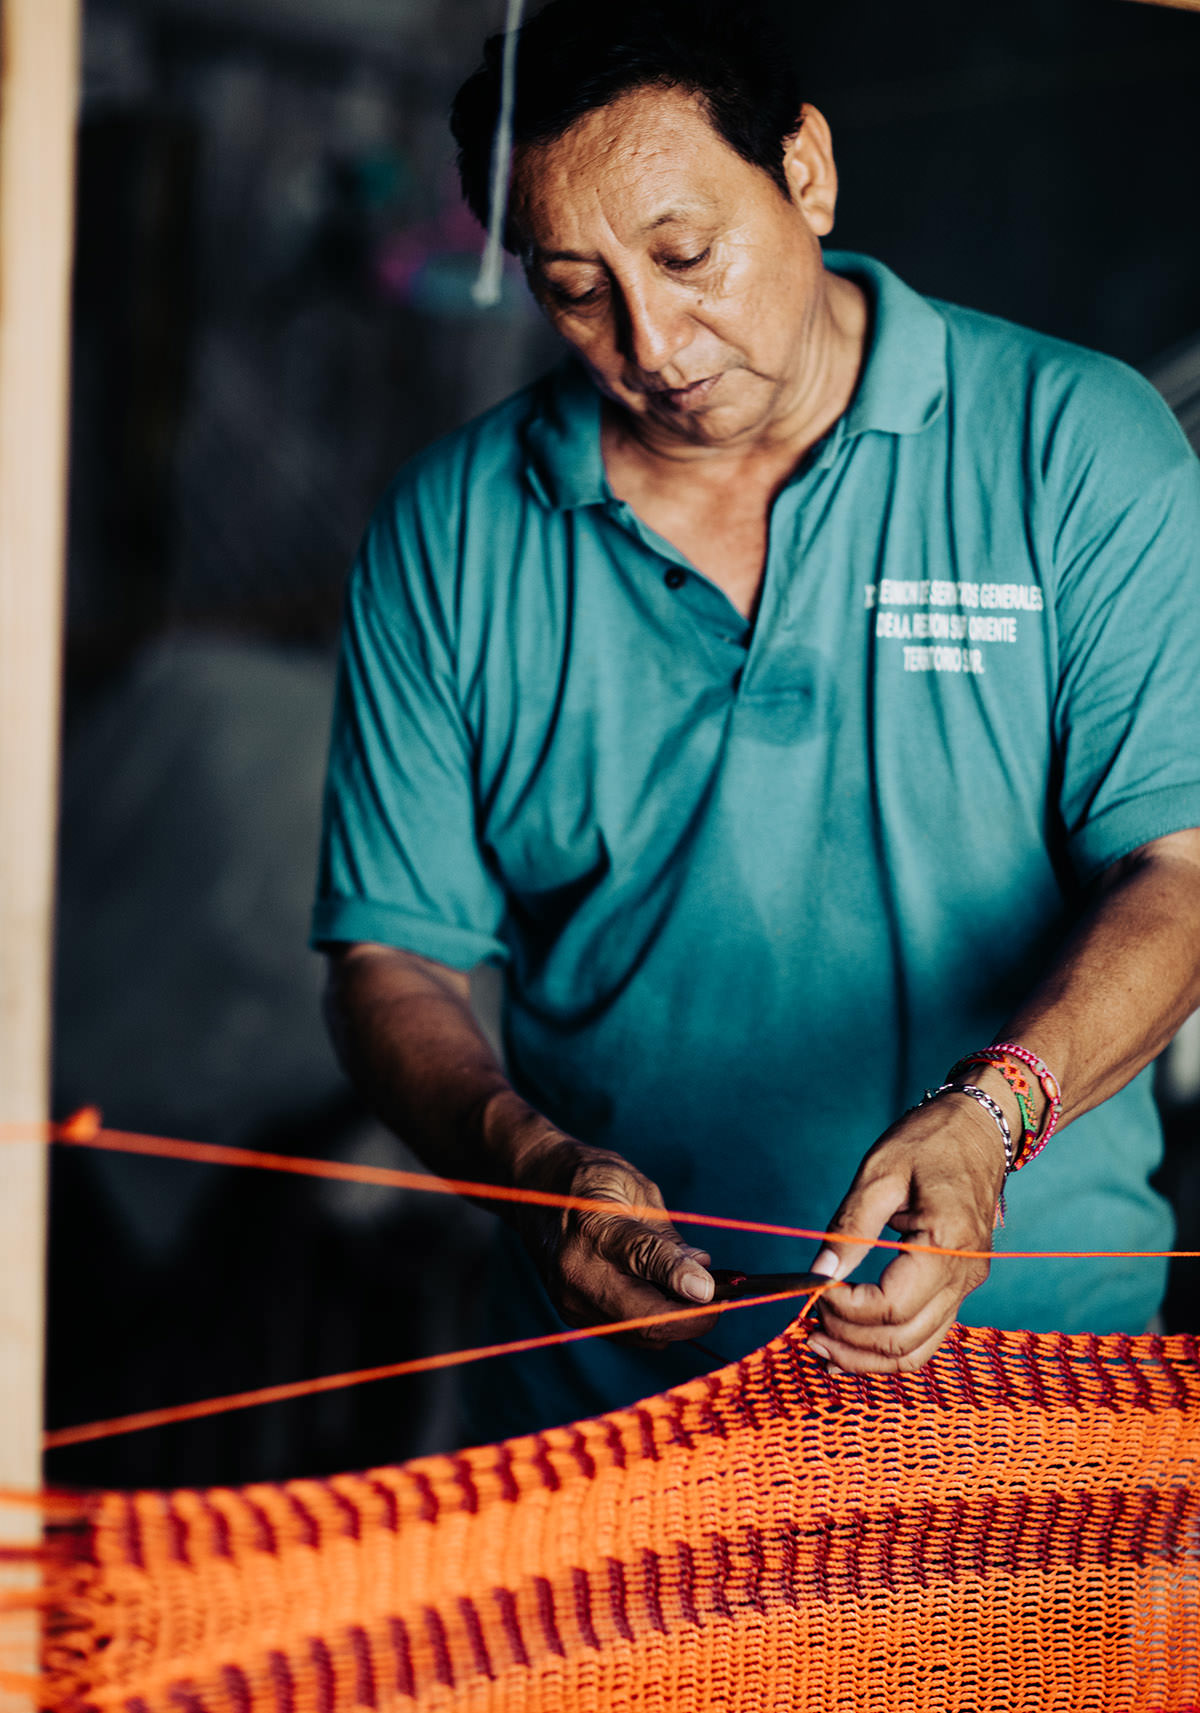 hammock-being-made-puerto-morelos-mexico